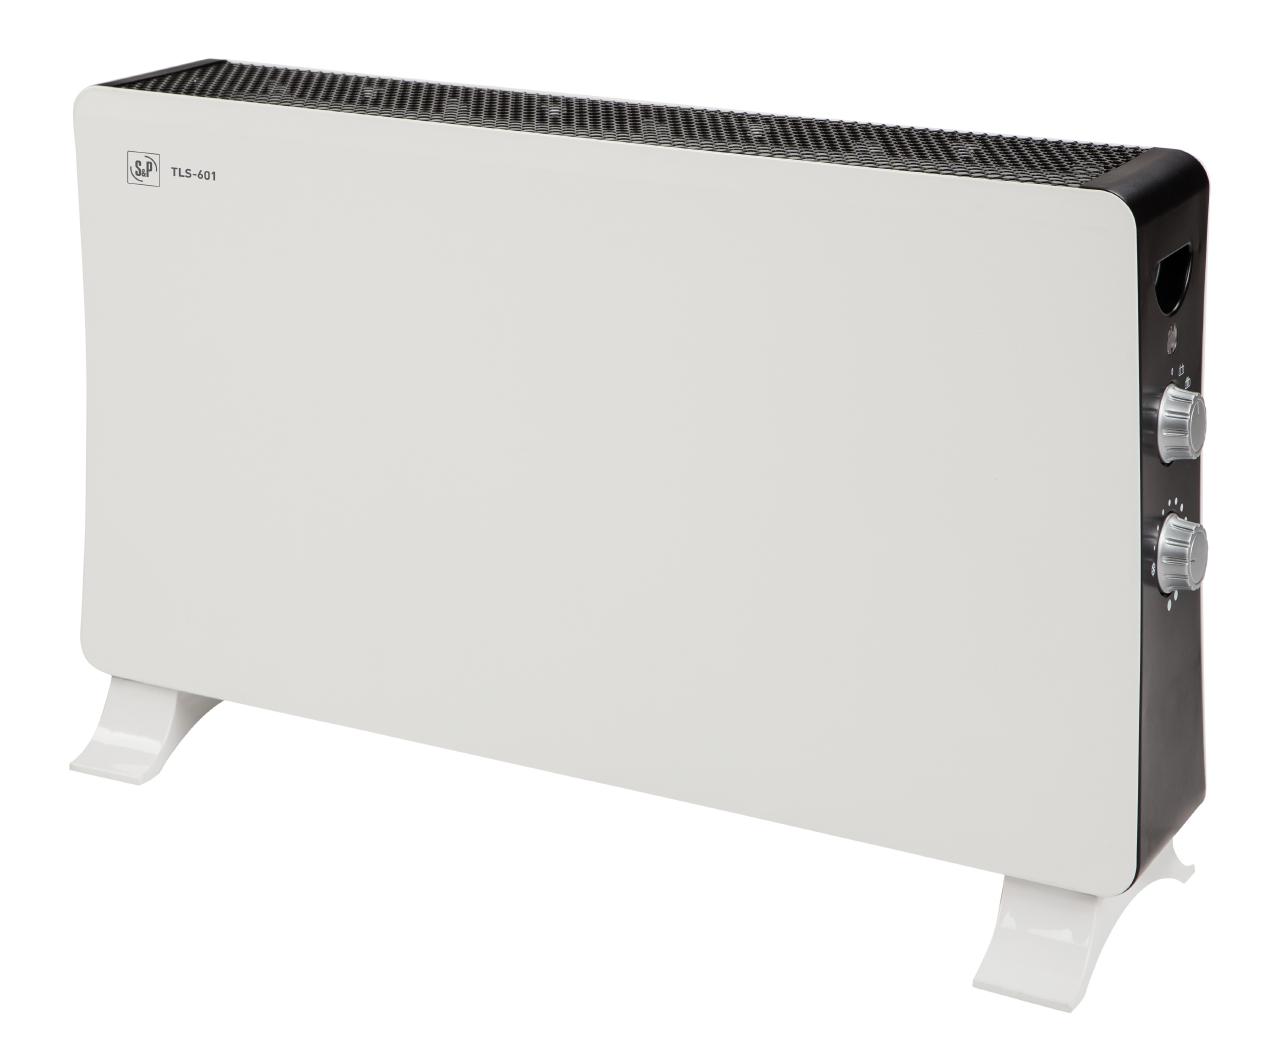 convecteur mobile unelvent tls 601 1000 2000 watts 6. Black Bedroom Furniture Sets. Home Design Ideas